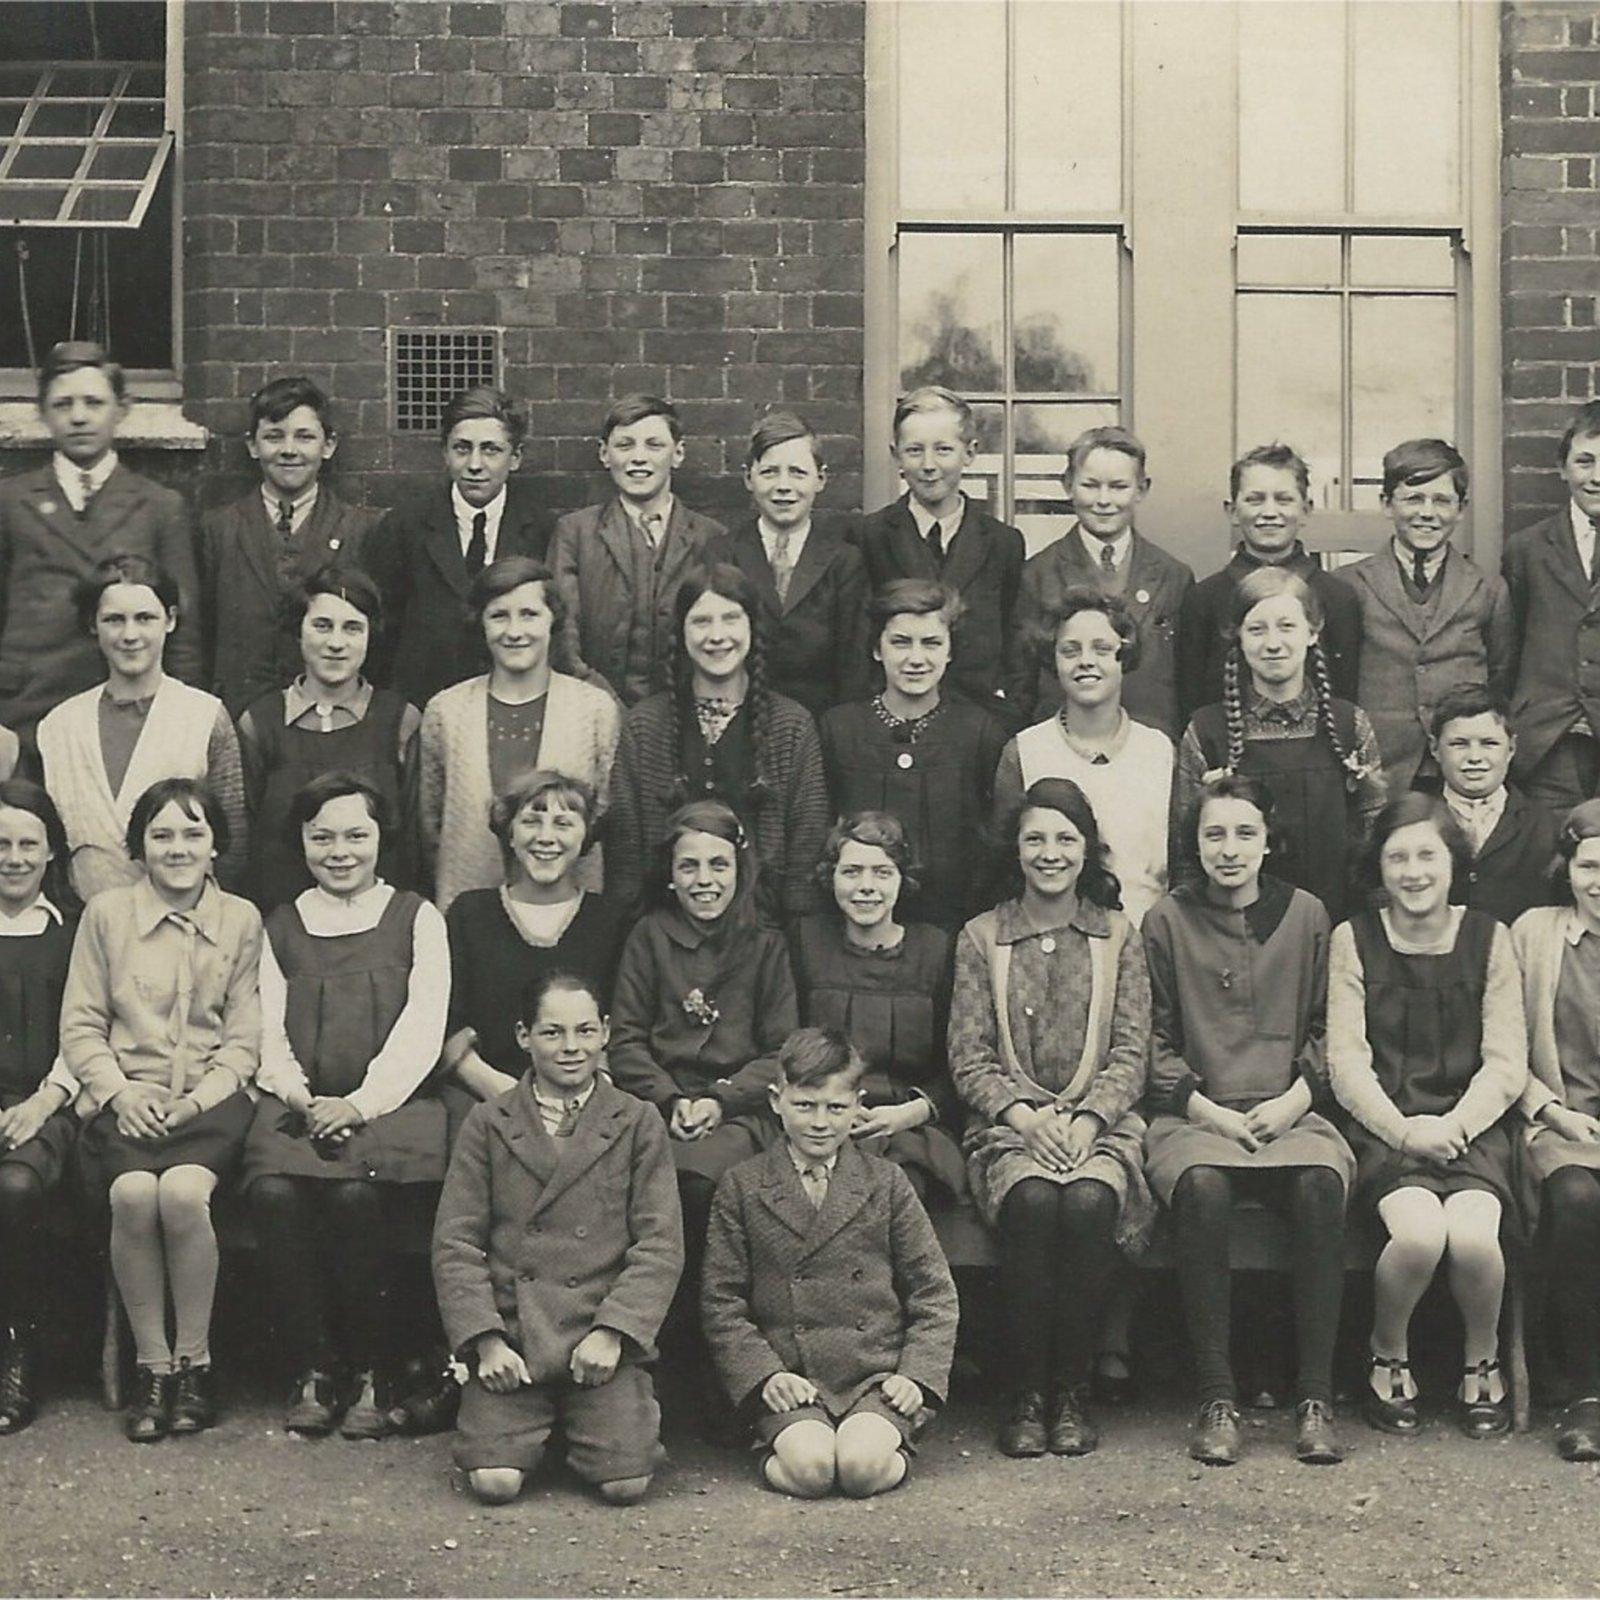 SC stradbroke school c1925.jpg